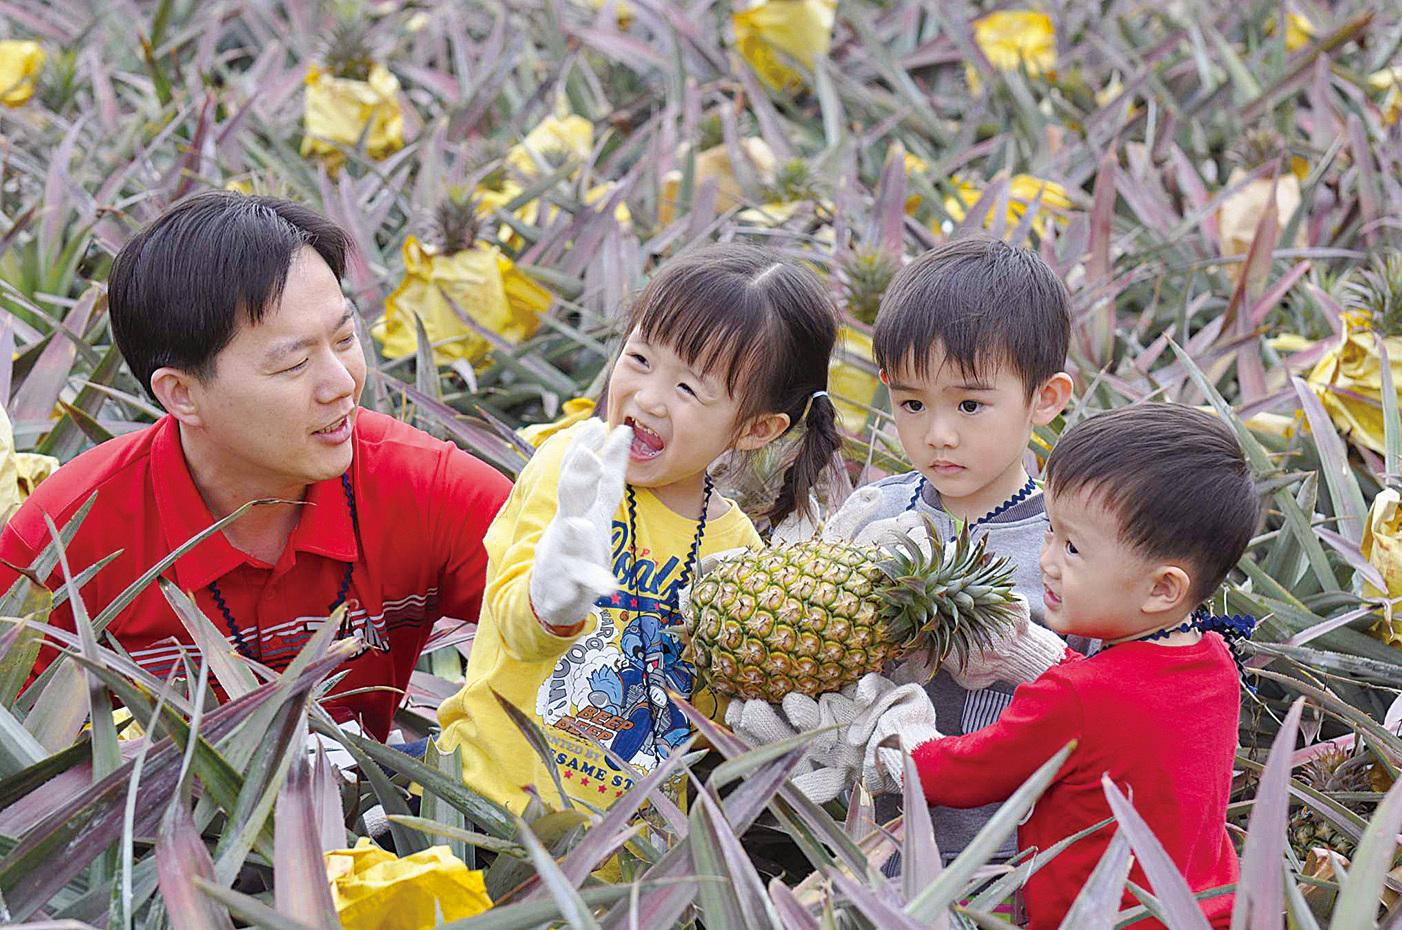 一家人一齊去旅行、行山、食生果,能讓孩子感到愛,有助解決孩子的情緒問題及減少壓力。(大紀元資料圖片)